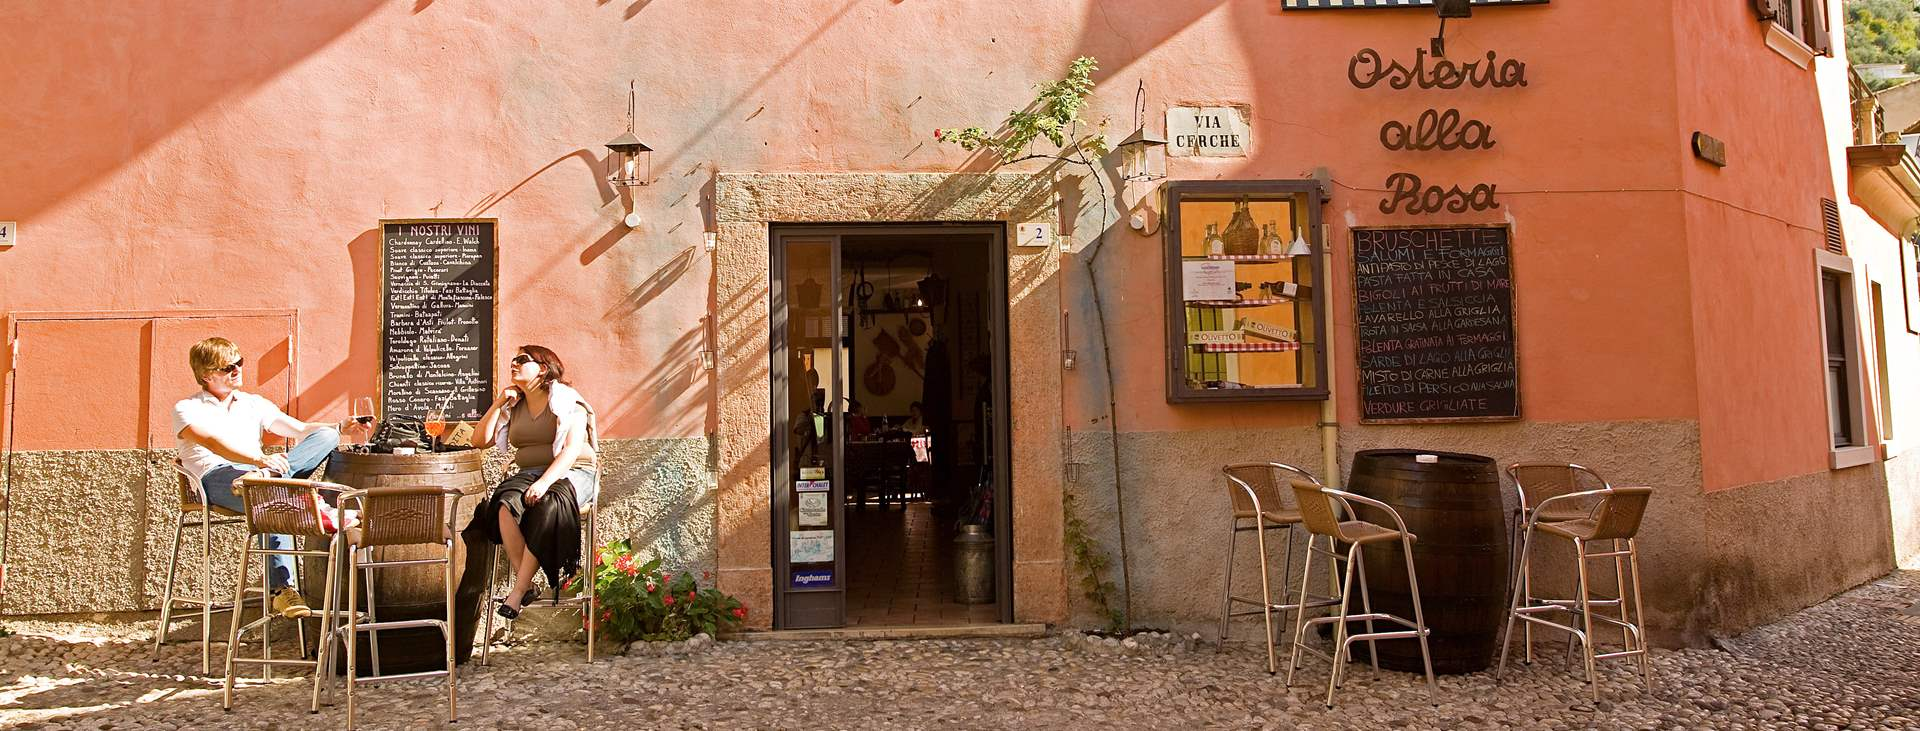 Matkalla Italiaan ja Veronaan? Varaa matkasi Tjäreborgilta